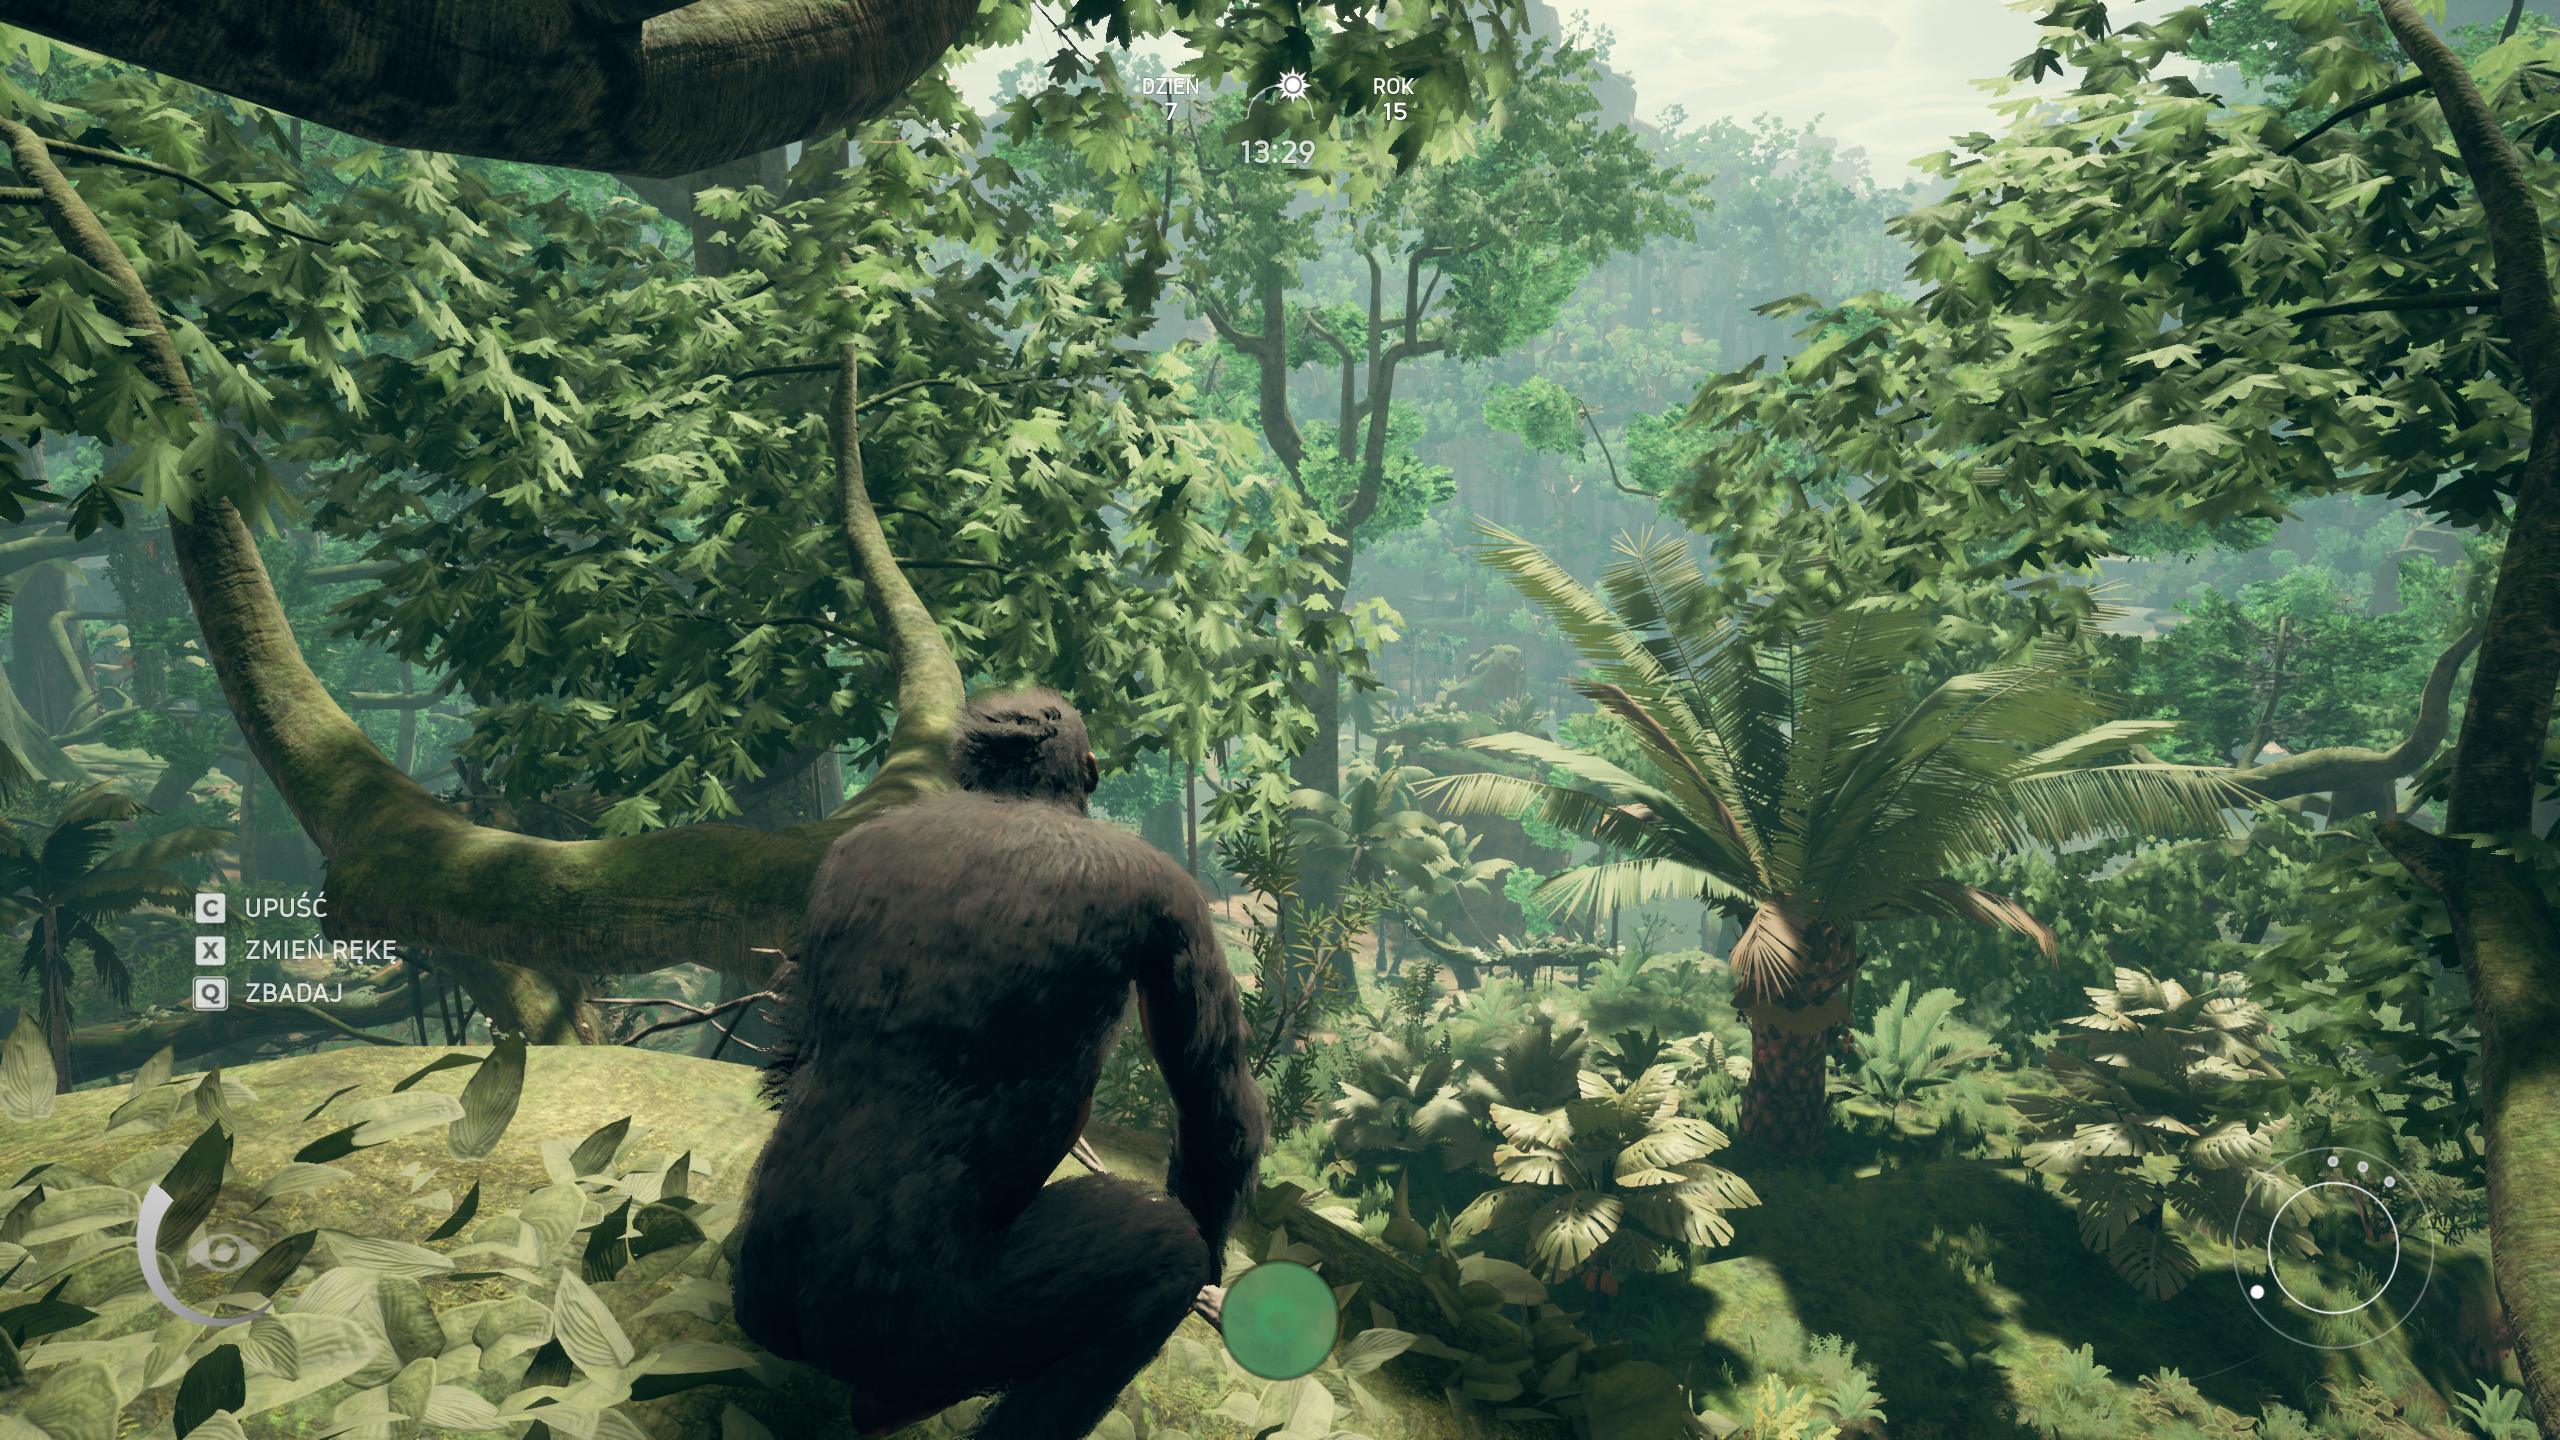 Recenzja: Ancestors: The Humankind Odyssey - stań oko w oko z ewolucją! 23